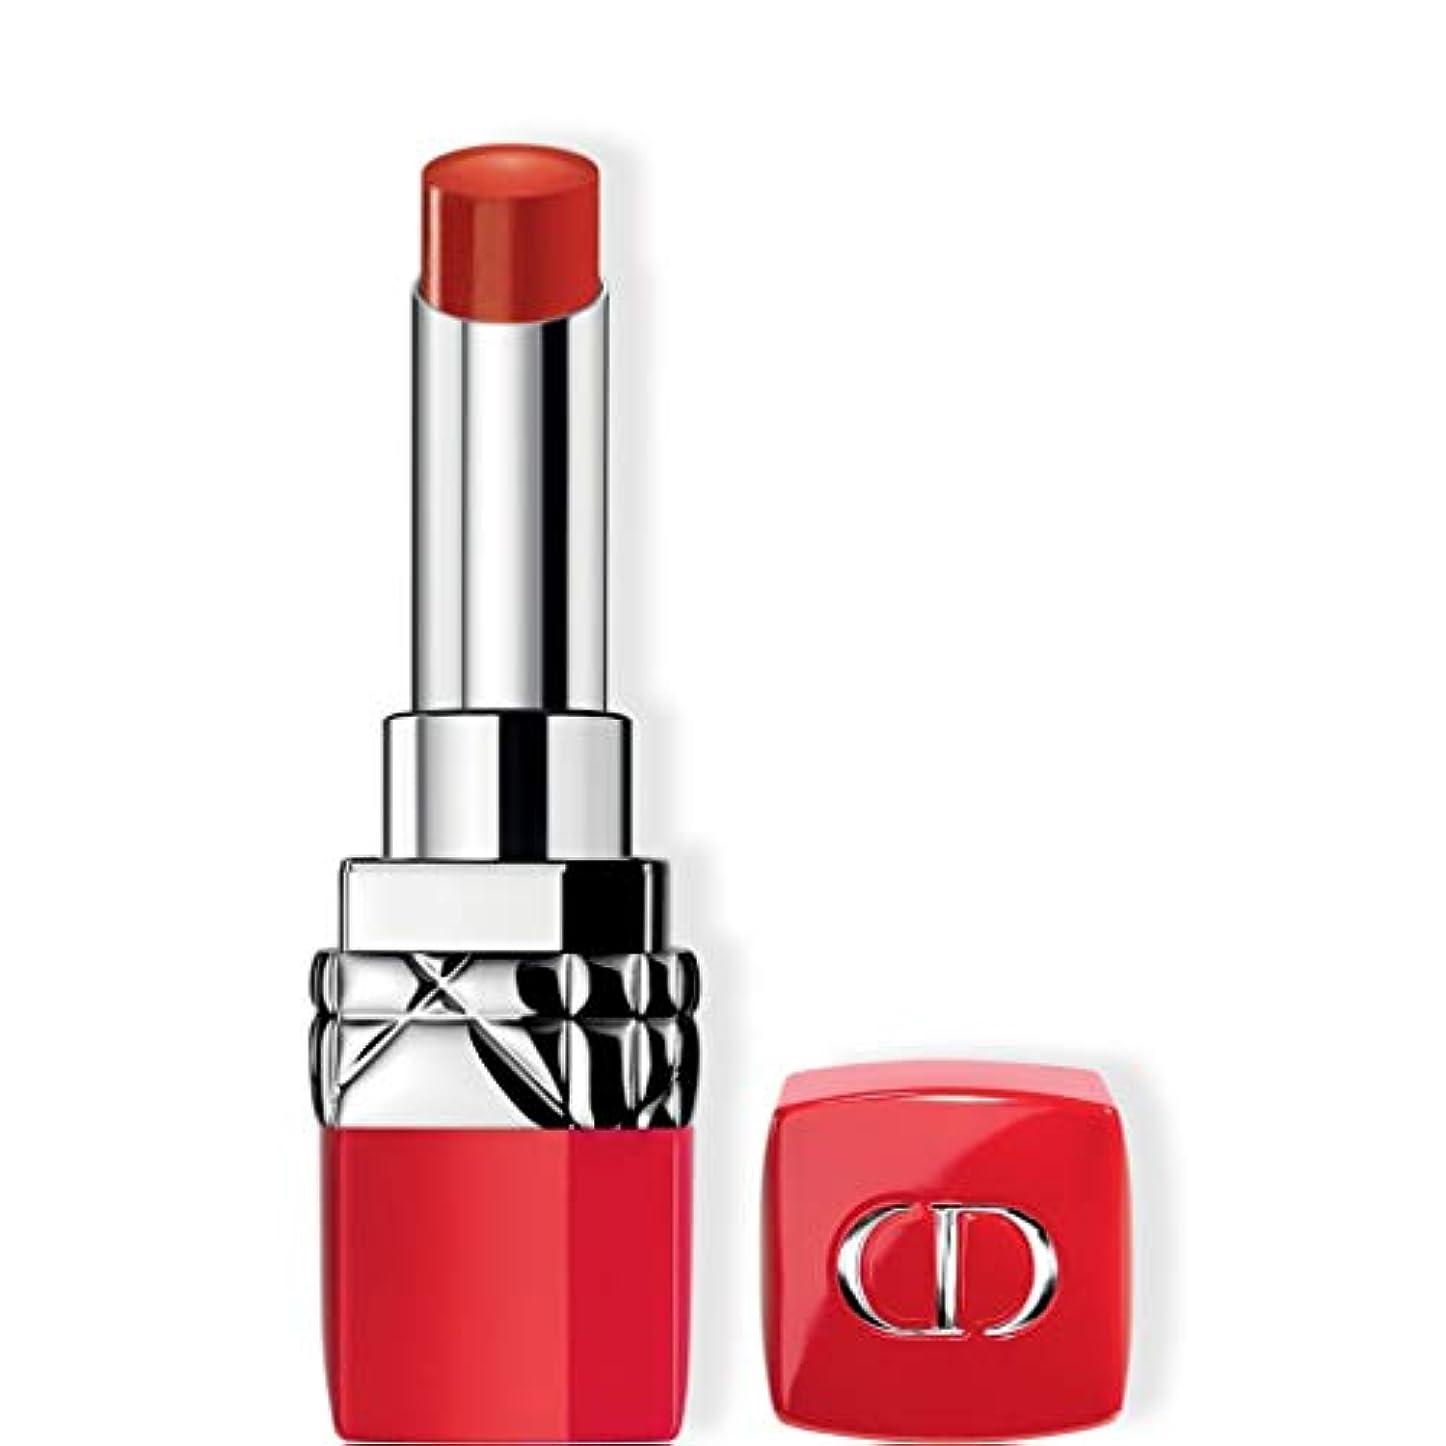 守銭奴ドロー薄暗いクリスチャンディオール Rouge Dior Ultra Rouge - # 436 Ultra Trouble 3.2g/0.11oz並行輸入品